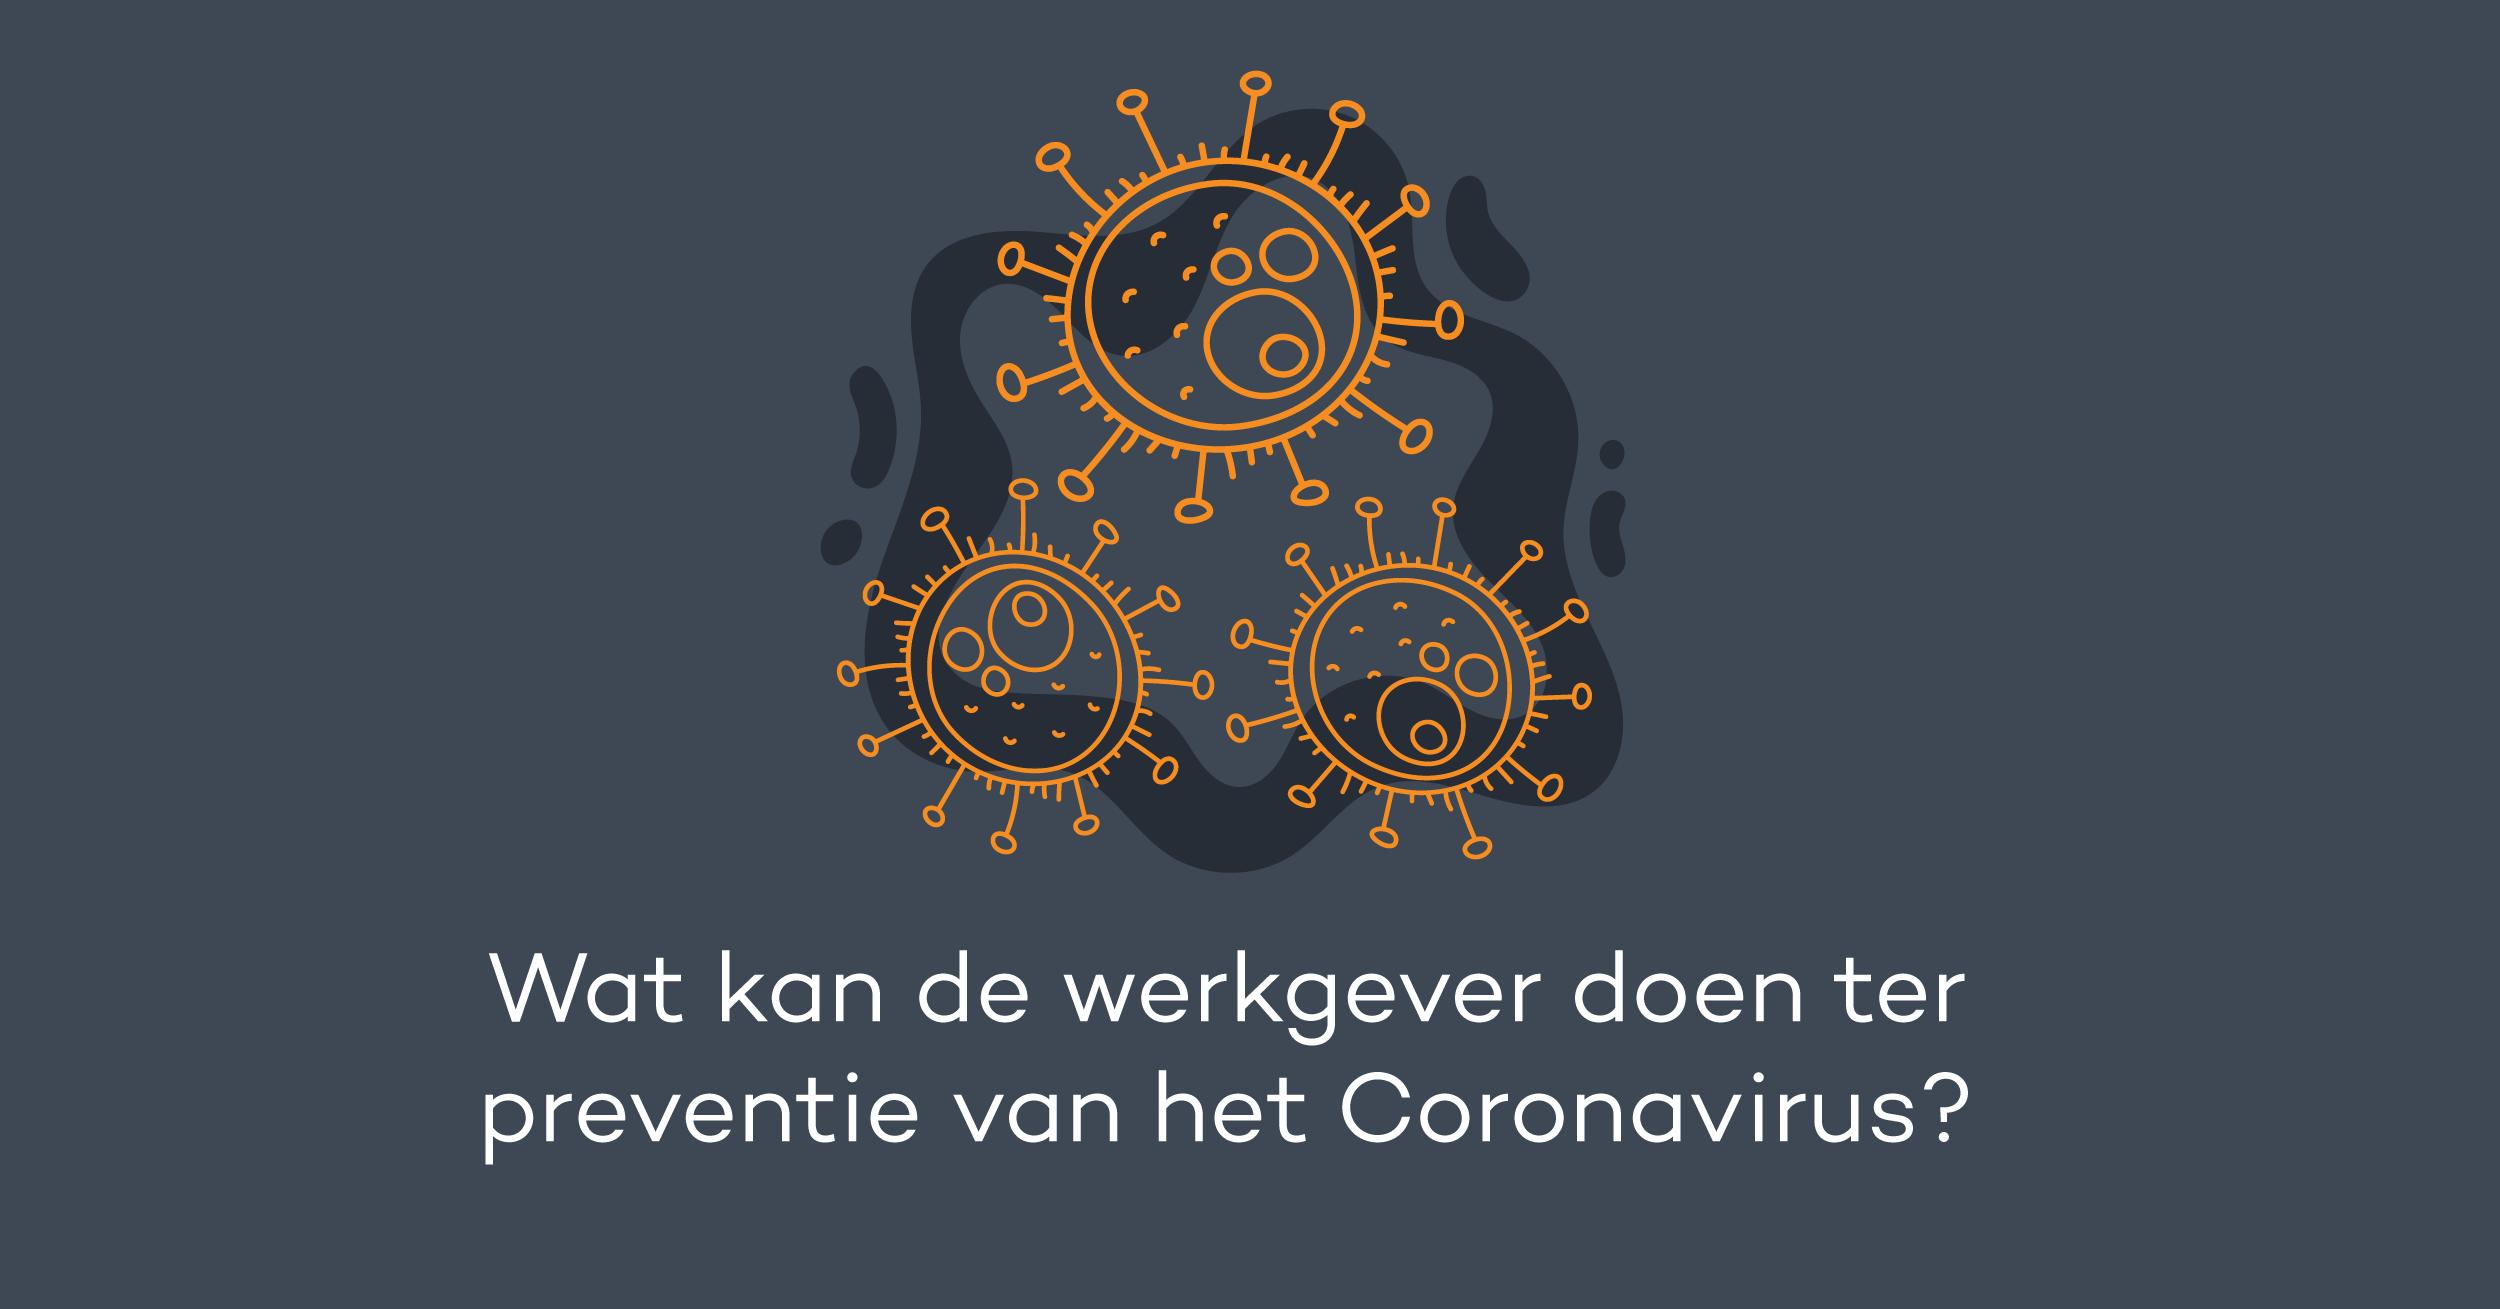 Wat kan de werkgever doen ter preventie van het Coronavirus?